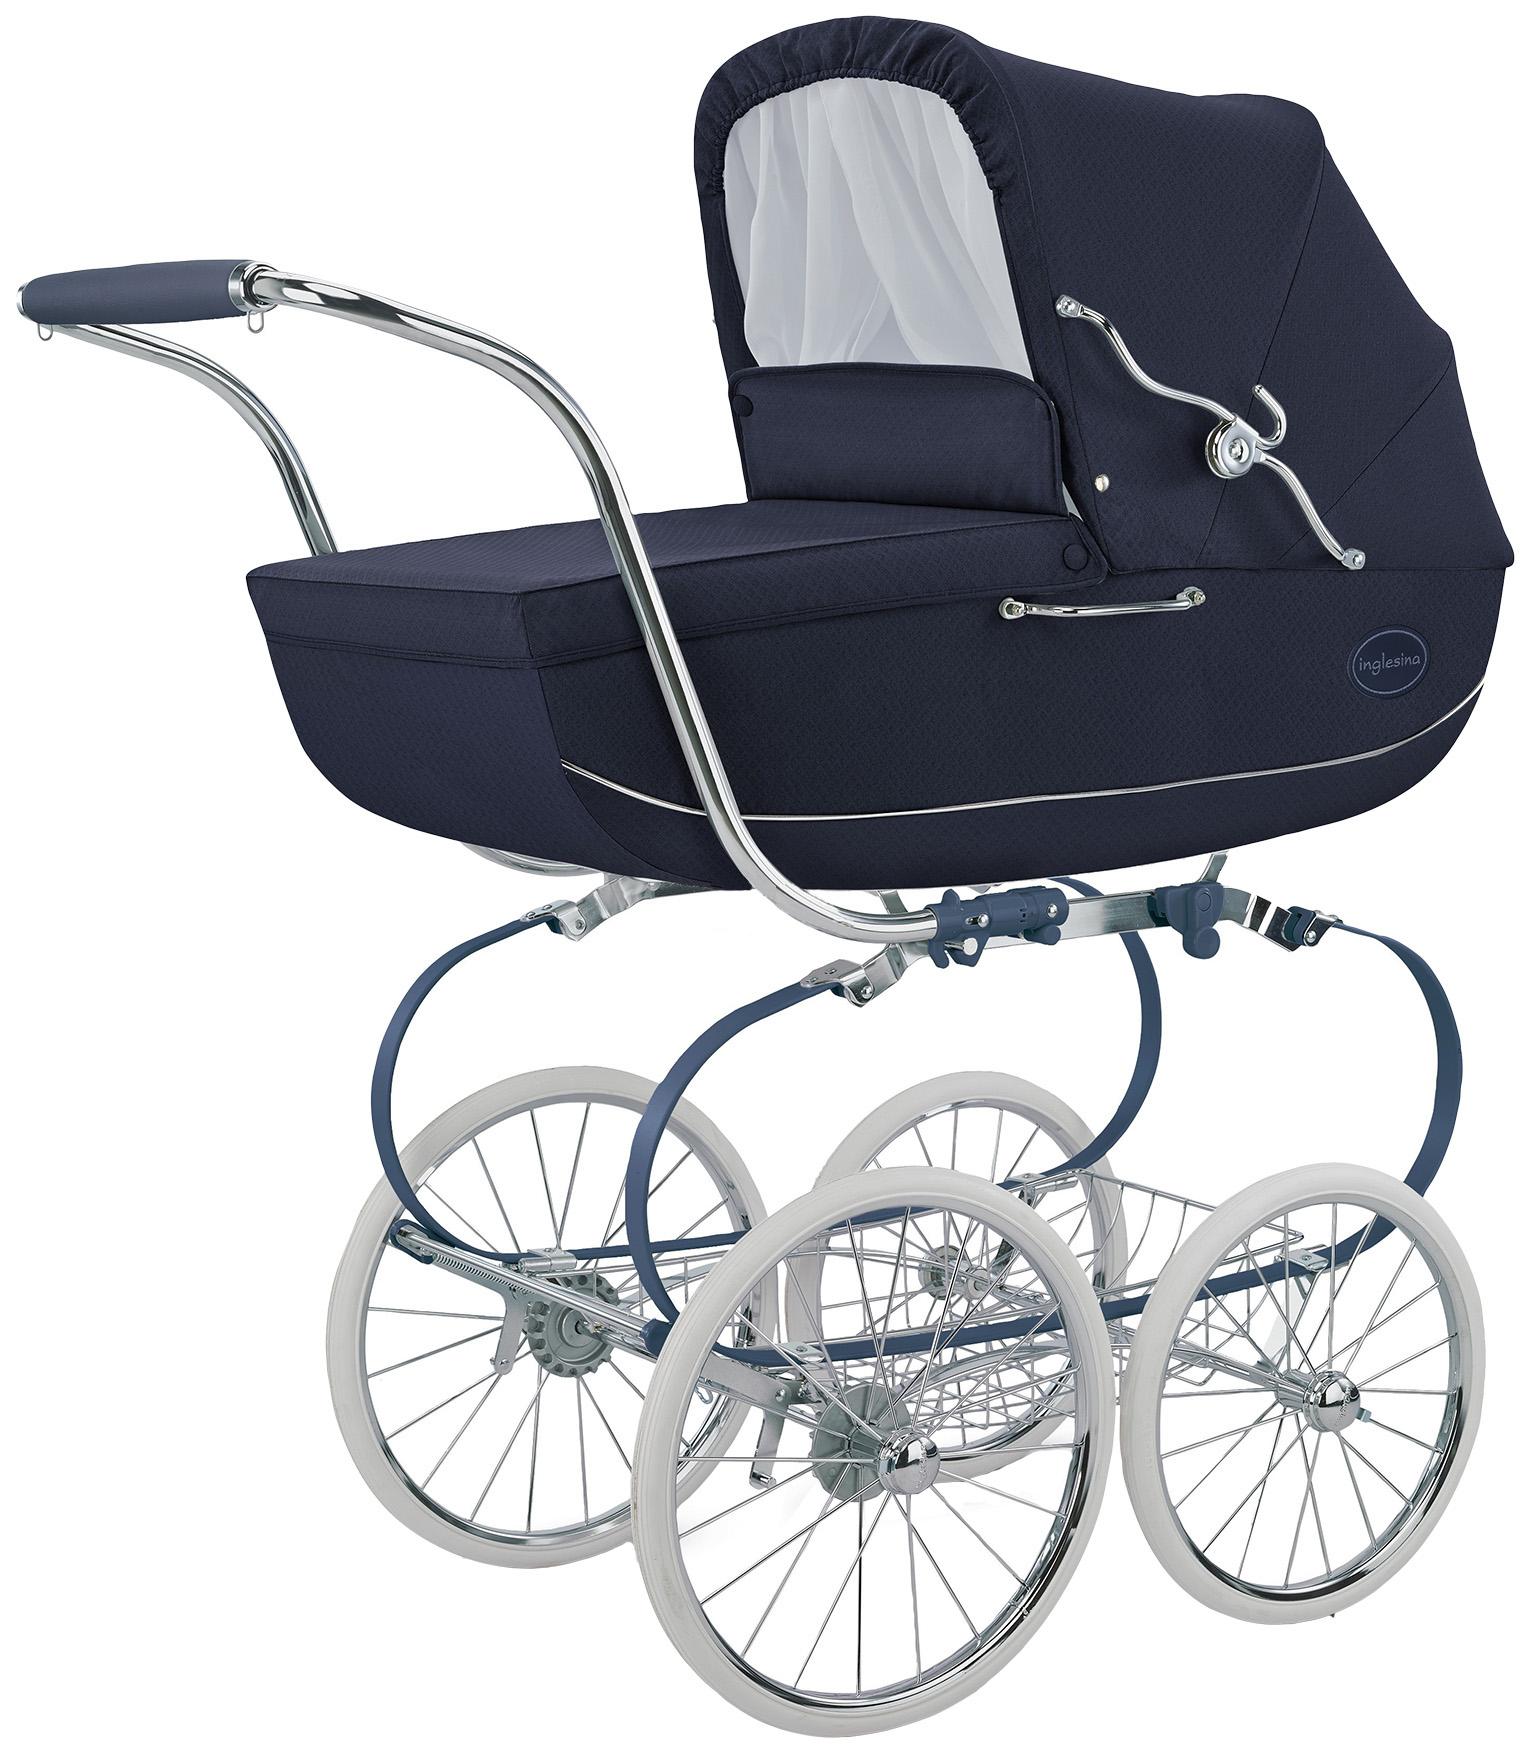 Купить Коляска для новорожденного Inglesina Classica на шасси Balestrino Chrome Blue, Коляски для новорожденных